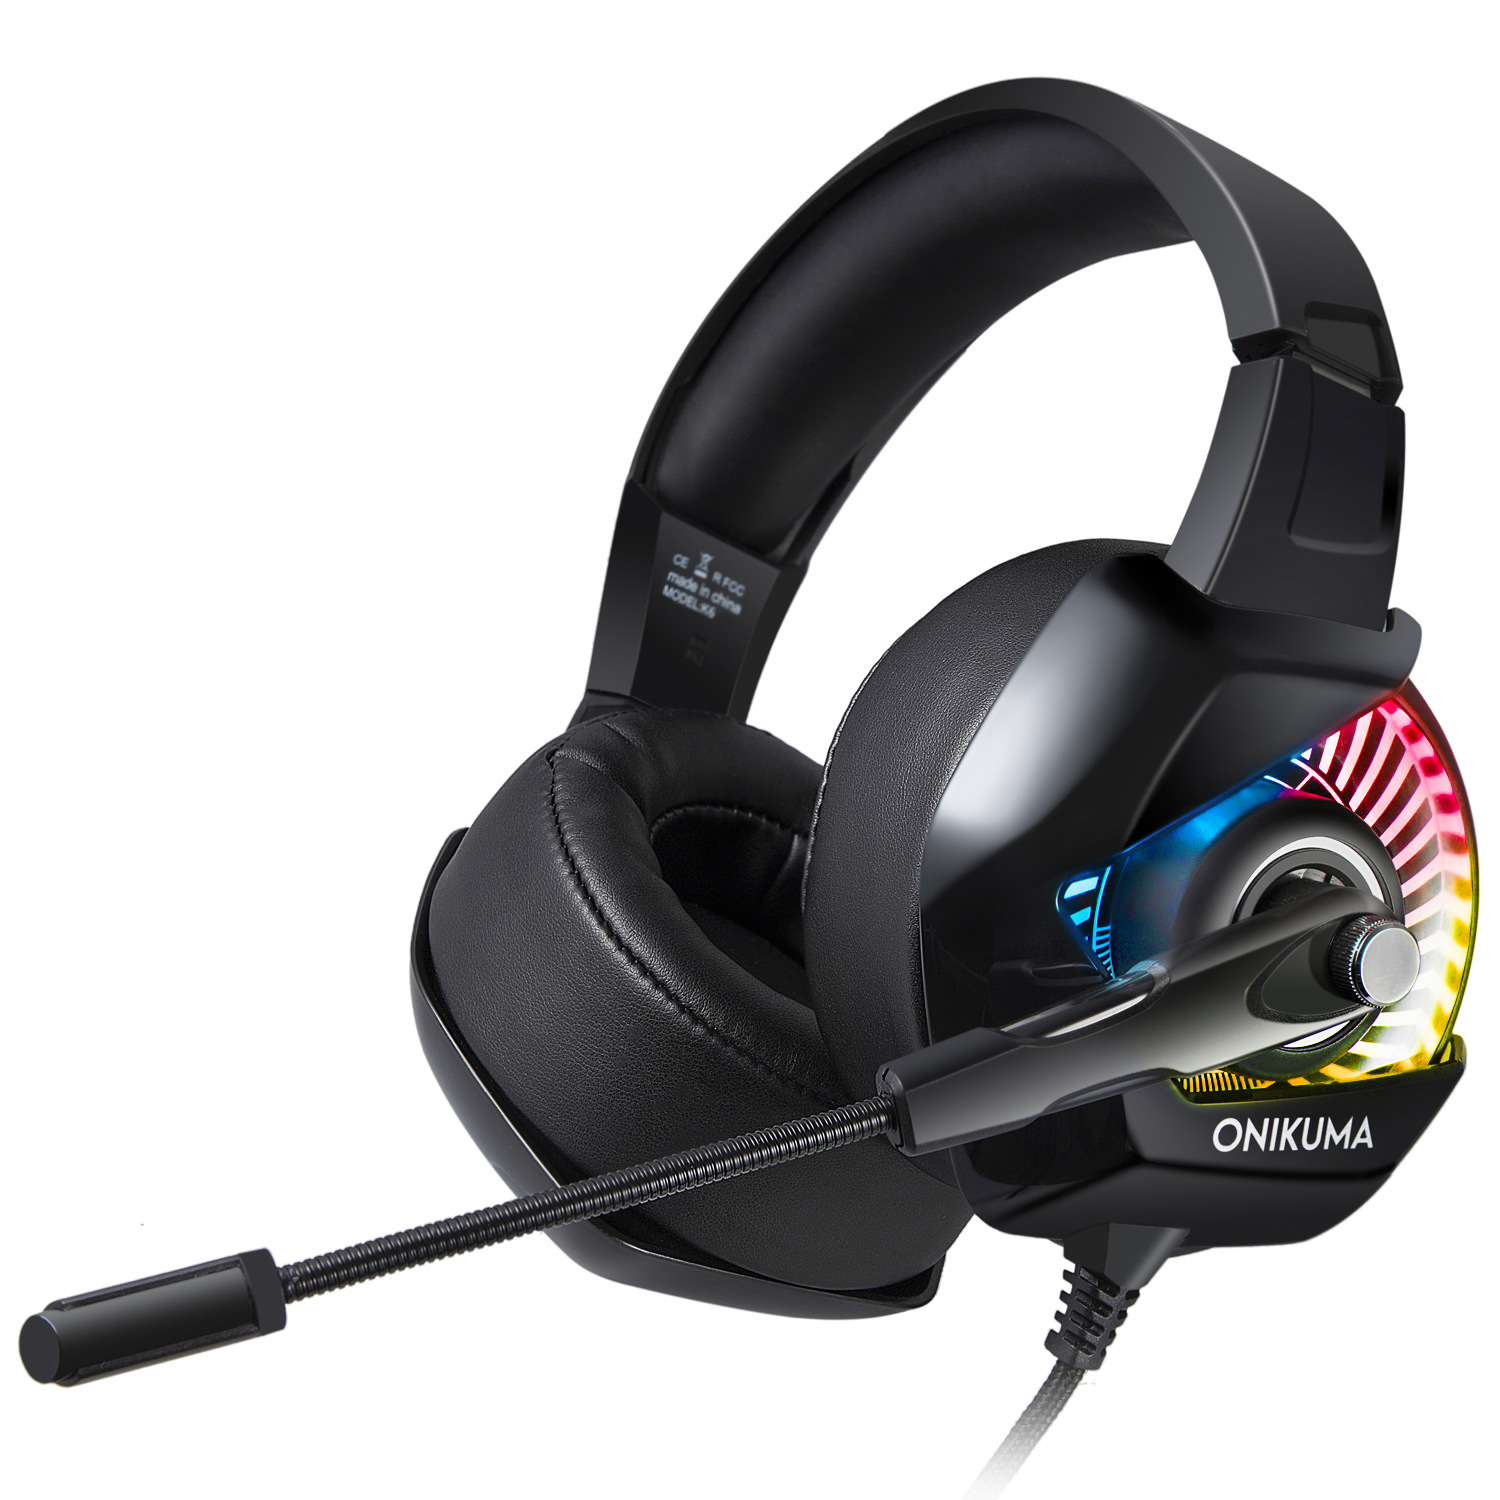 Tai Nghe Game (Headphone Gaming) ONIKUMA K6 + Tặng Led USB (Màu ngẫu nhiên) - Hàng nhập khẩu